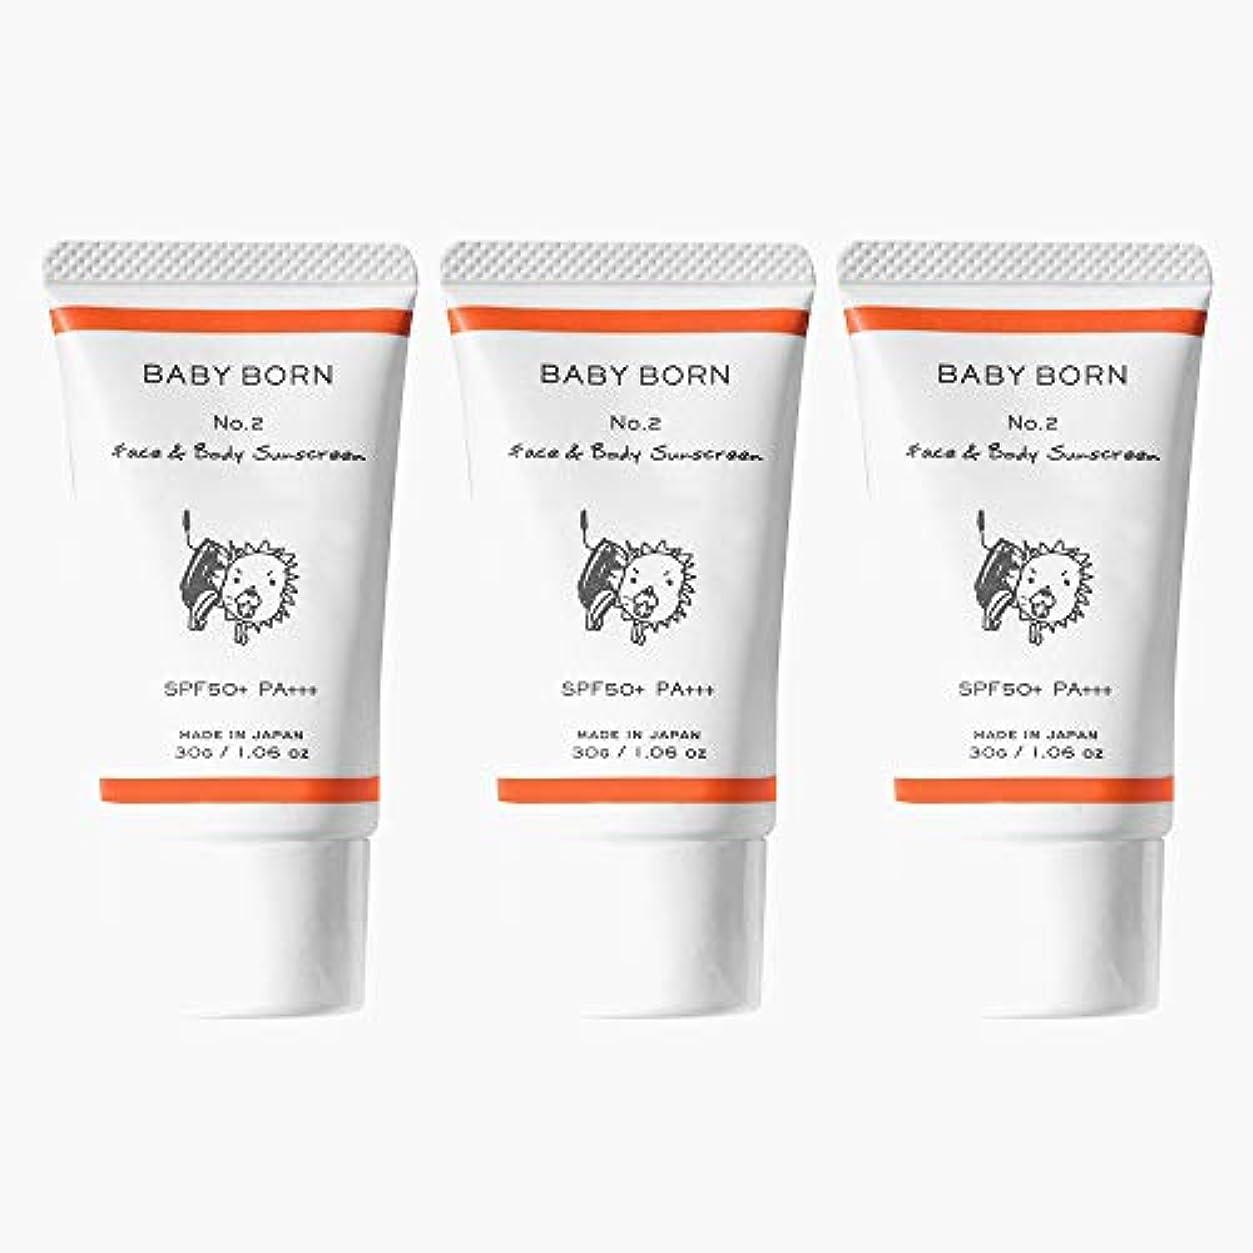 イベントジョットディボンドン無意識日焼け止め 赤ちゃんや子どもにも使えるBABY BORN(ベビーボーン) Face&Body Sunscreen 3個セット 日焼け止め UV ケア 東原亜希 高橋ミカ 共同開発 SPF50+/PA++++